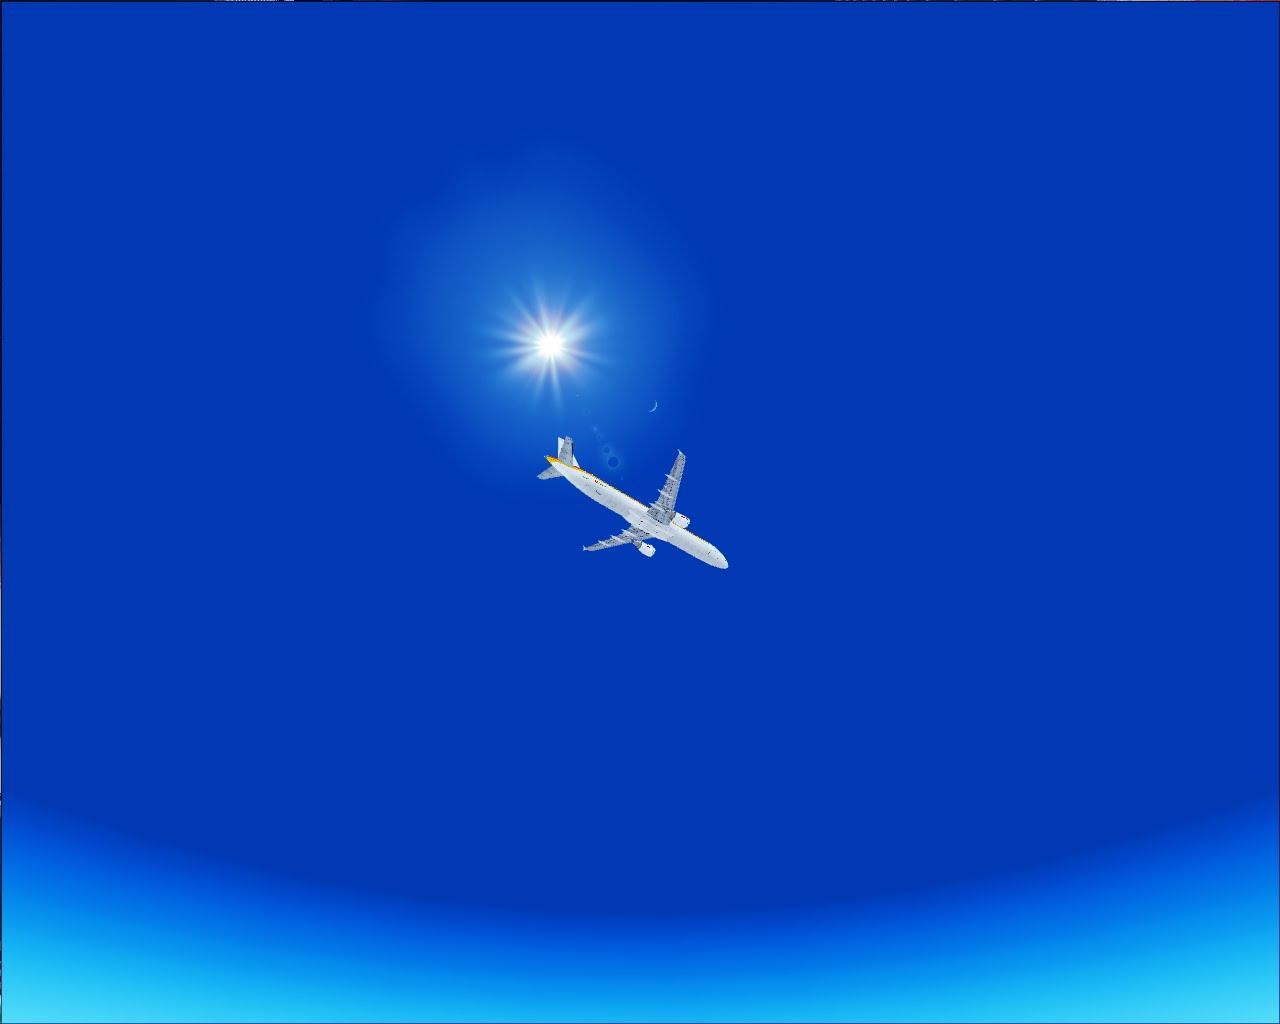 http://4.bp.blogspot.com/_gXTZEiNf1Ds/TBfOwTnJDYI/AAAAAAAAAxo/yj-8qEqkCBY/s1600/A321+Iberia+in+flight.bmp